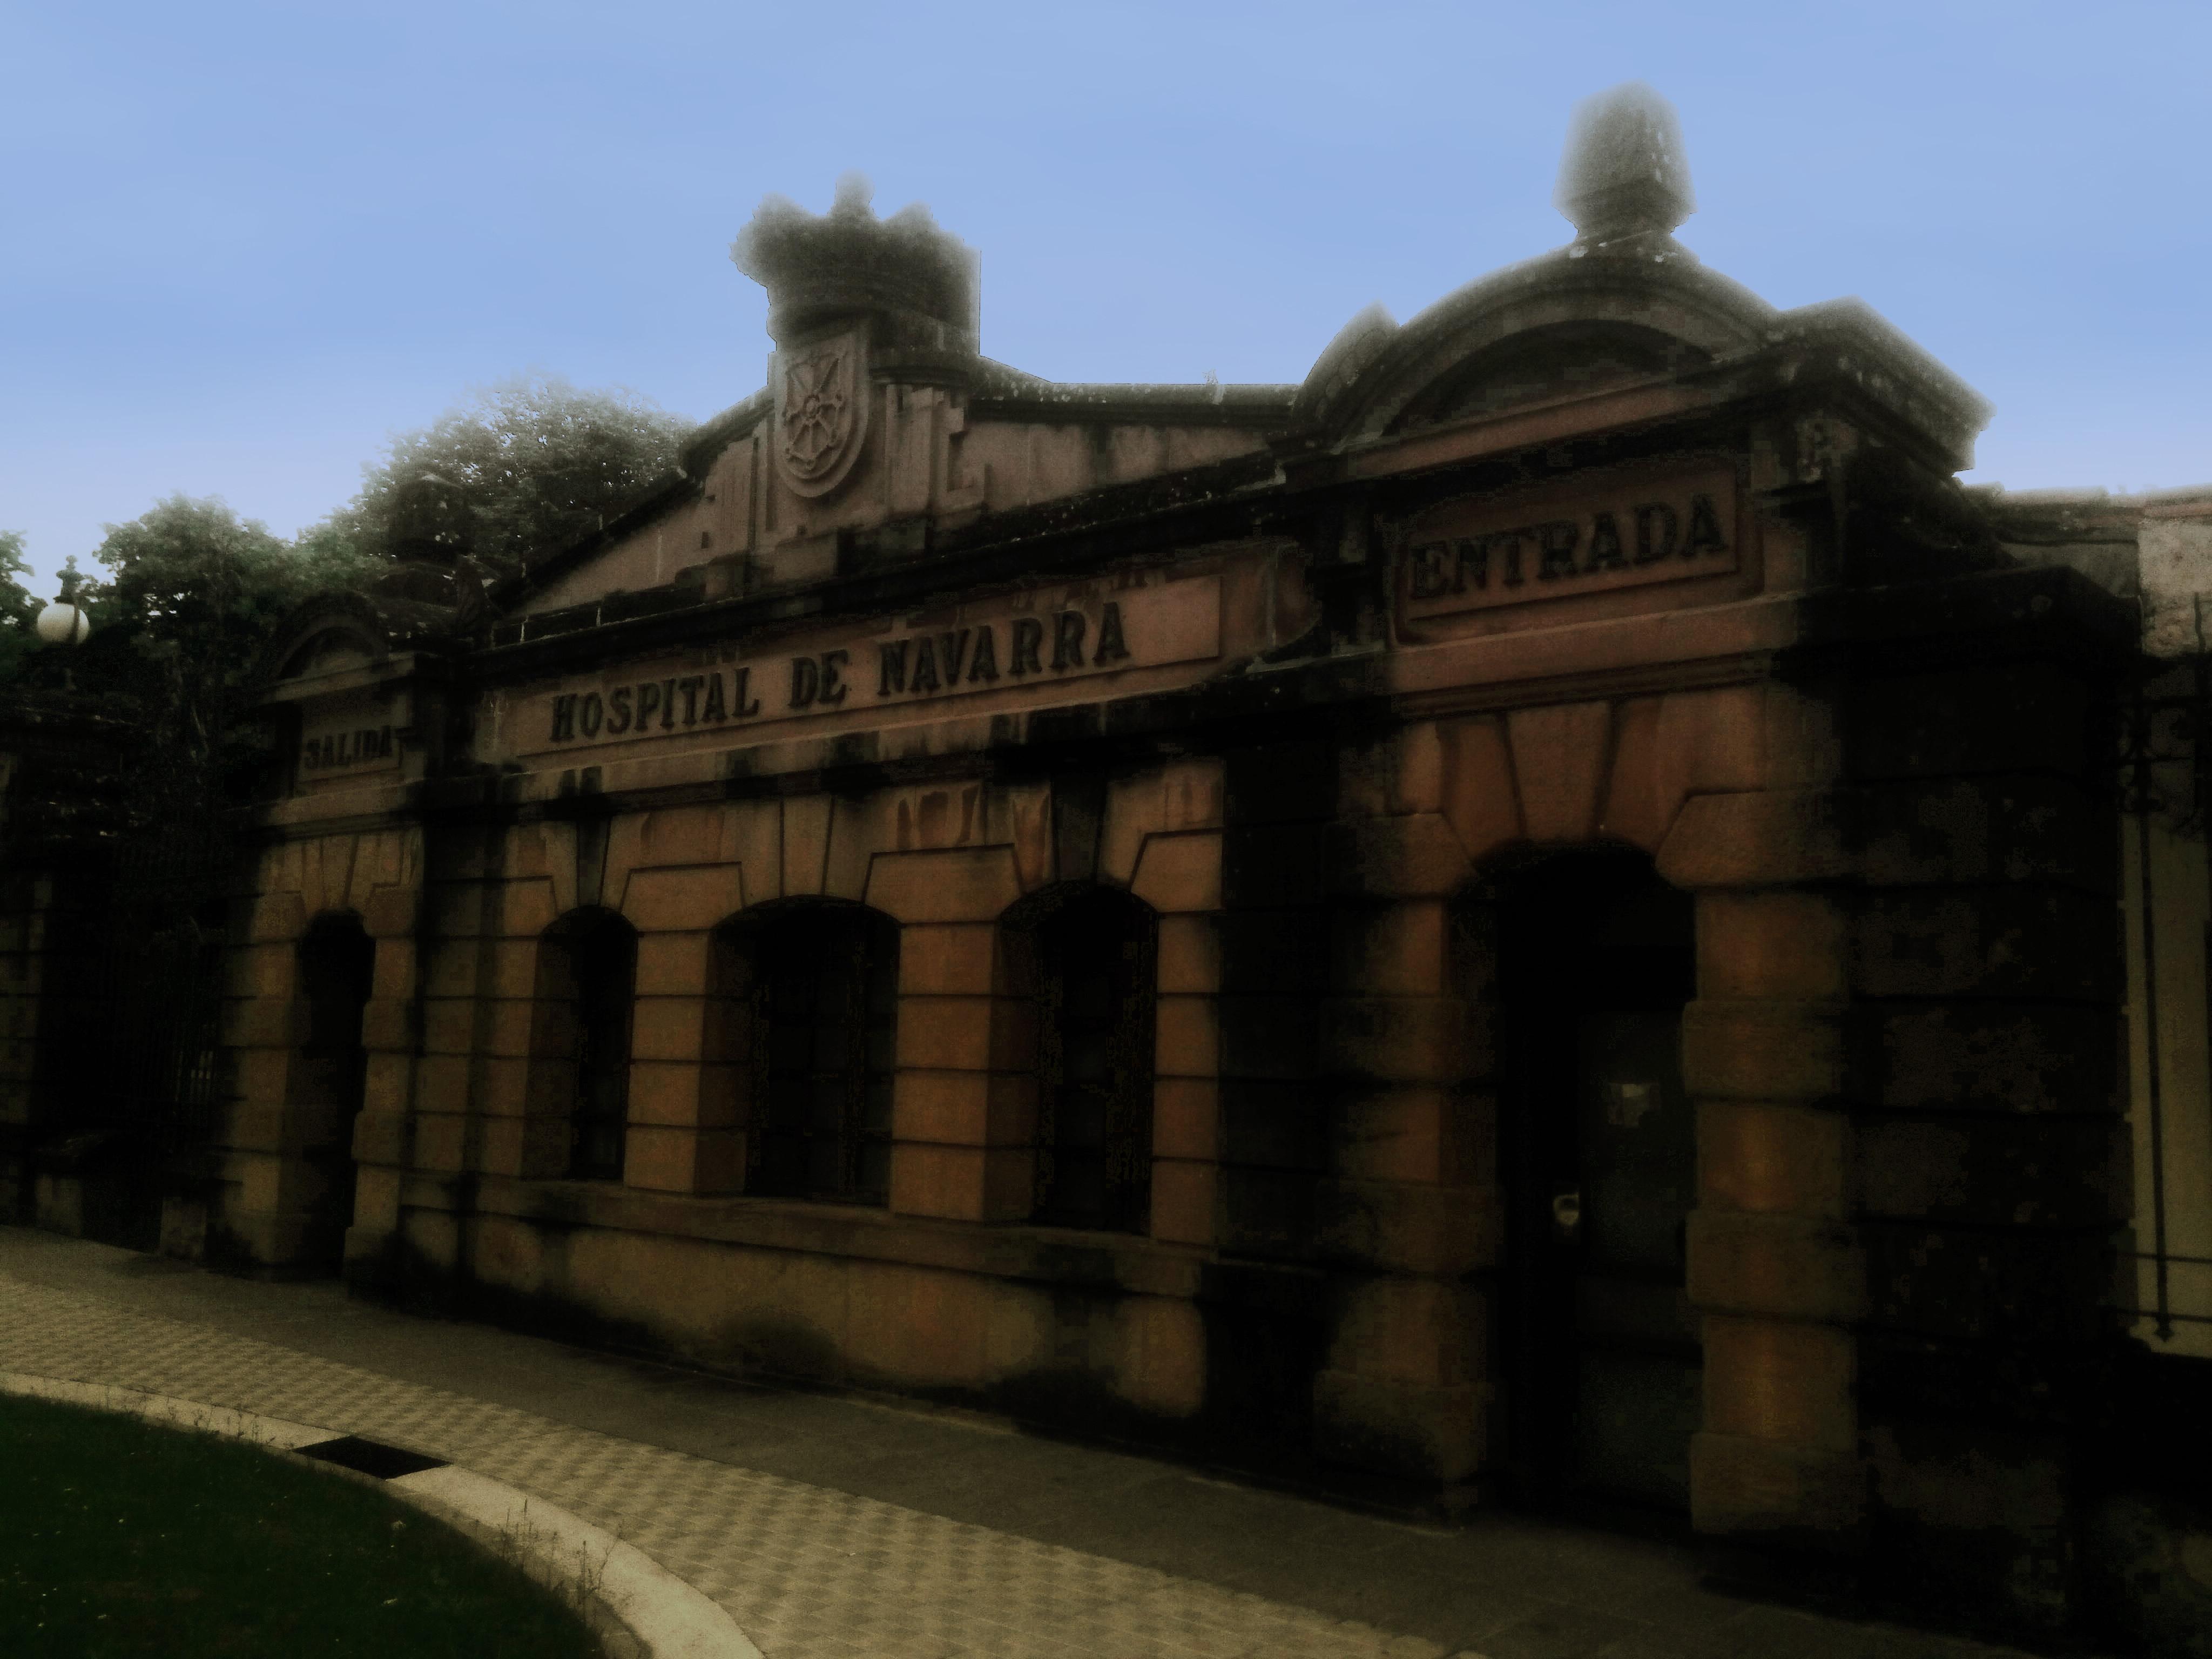 Mapa Pabellones Hospital De Navarra.Hospital De Navarra Wikipedia La Enciclopedia Libre